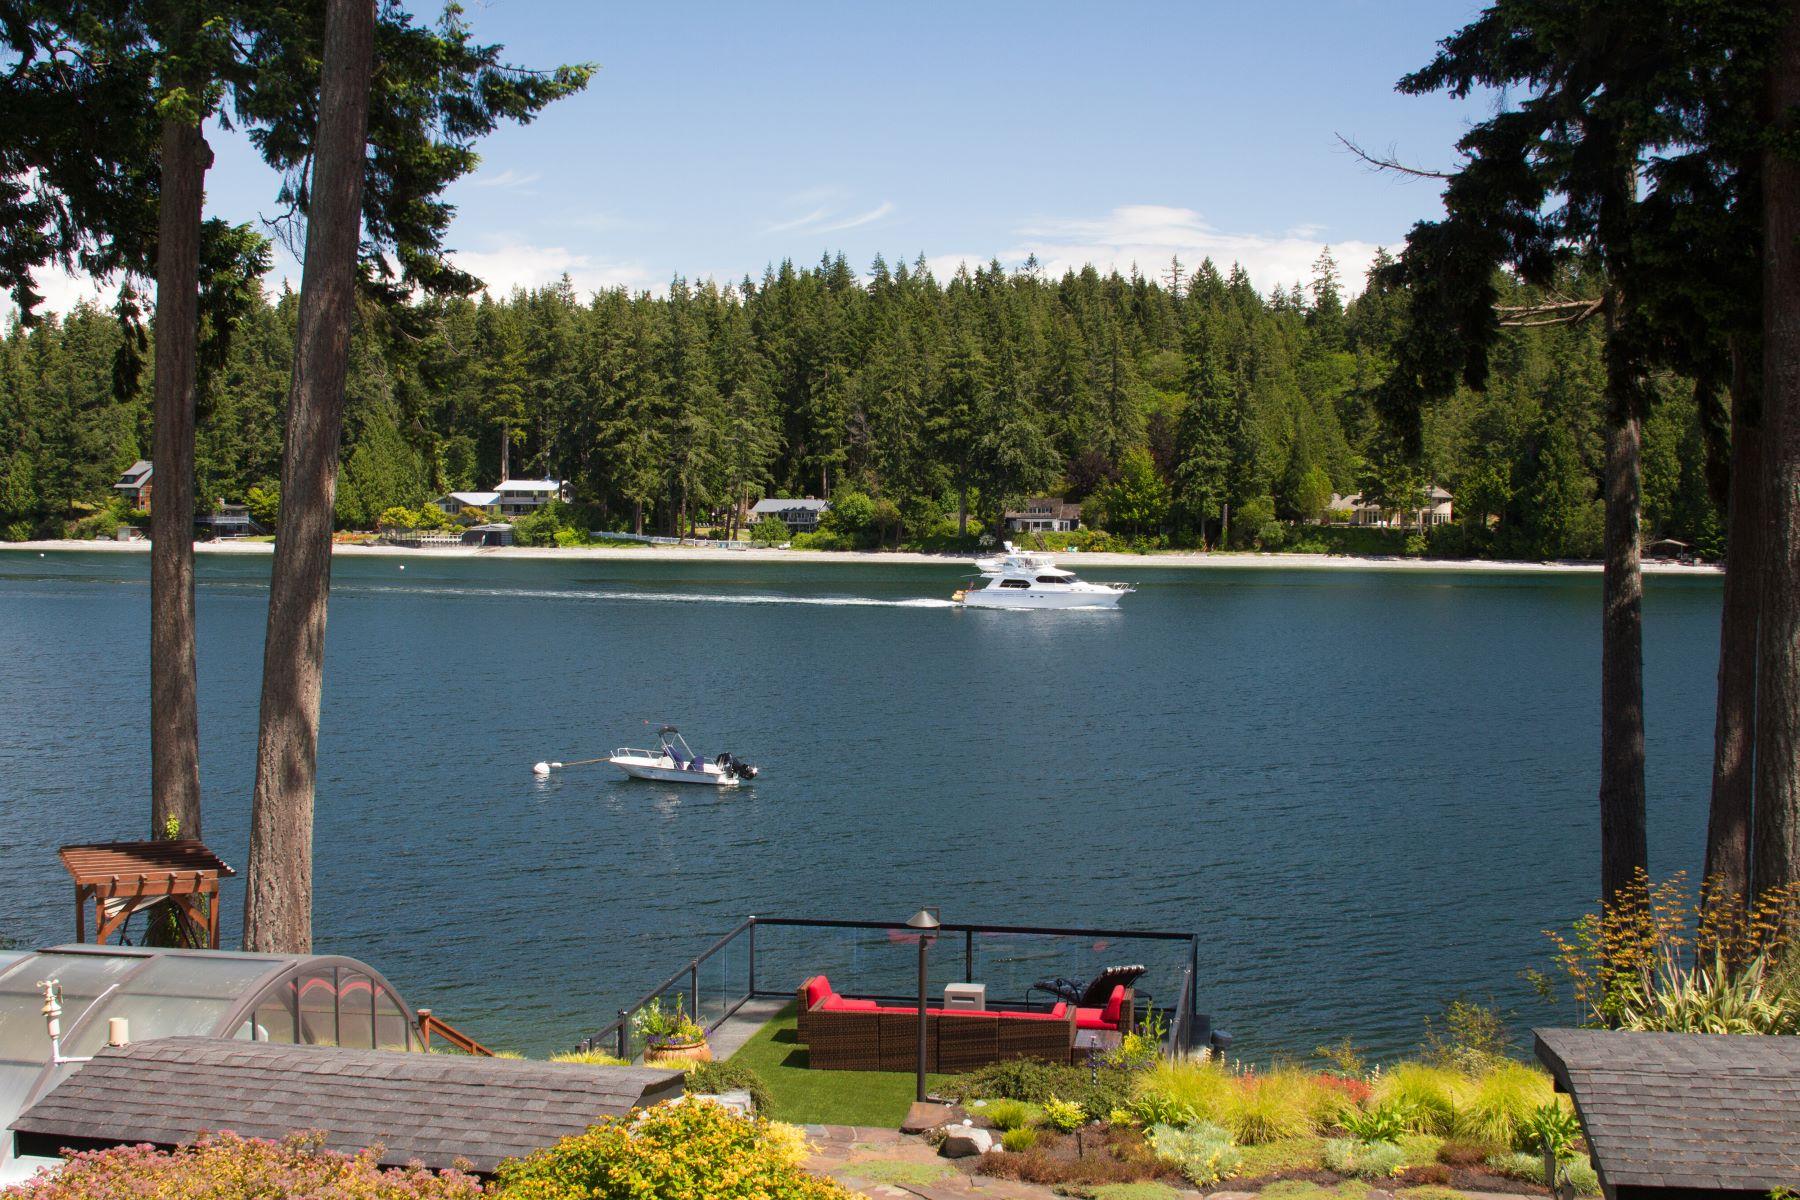 Single Family Homes for Sale at 17104 South Angeline Ave S NE, Suquamish, WA 98392 17104 Angeline Avenue S Suquamish, Washington 98392 United States